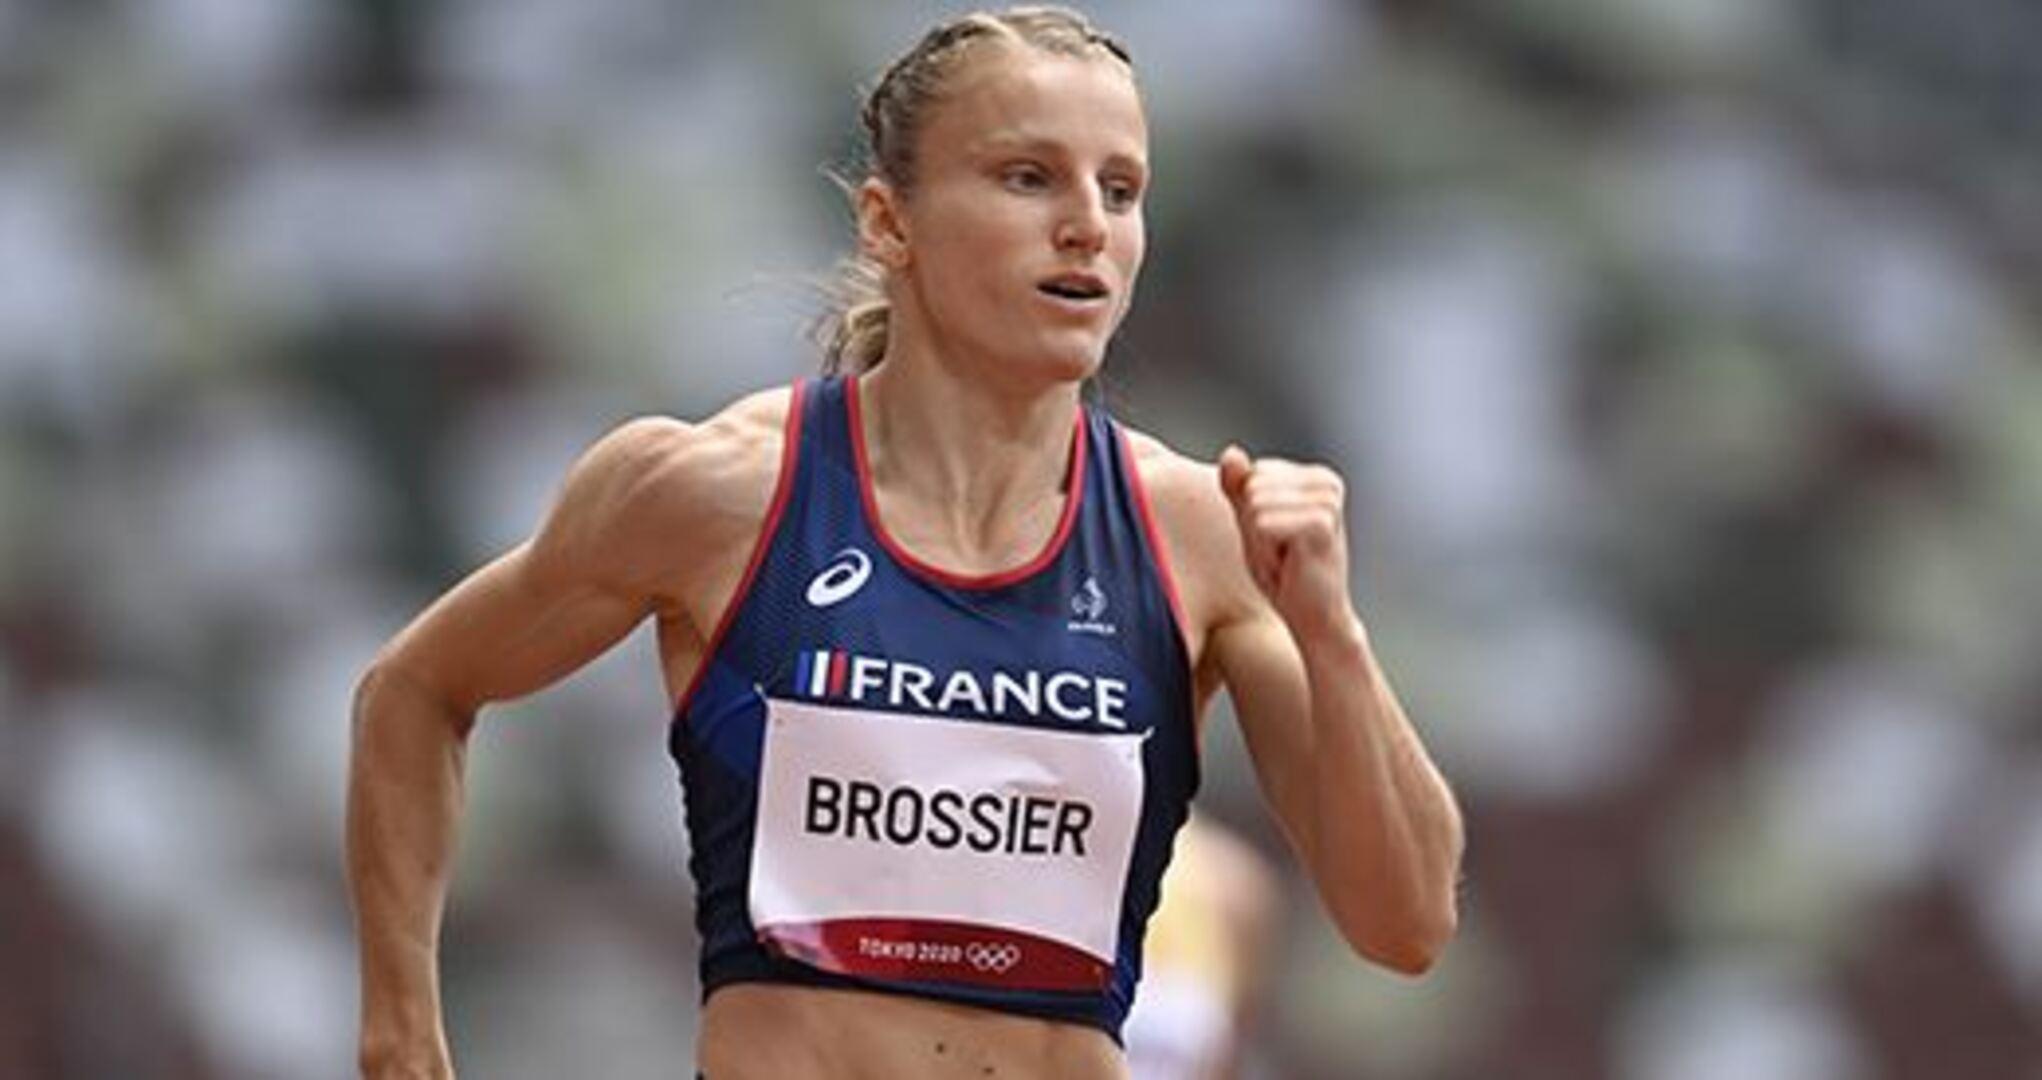 Amandine Broissier se qualifie pour les demi-finales du 400m aux Jeux olympiques